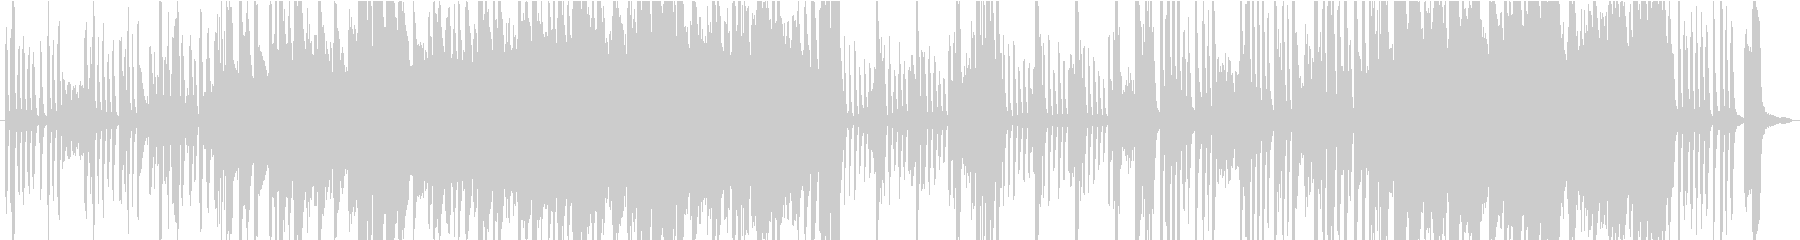 伝統的 ジャズ ビバップ ラテン ...の未再生の波形